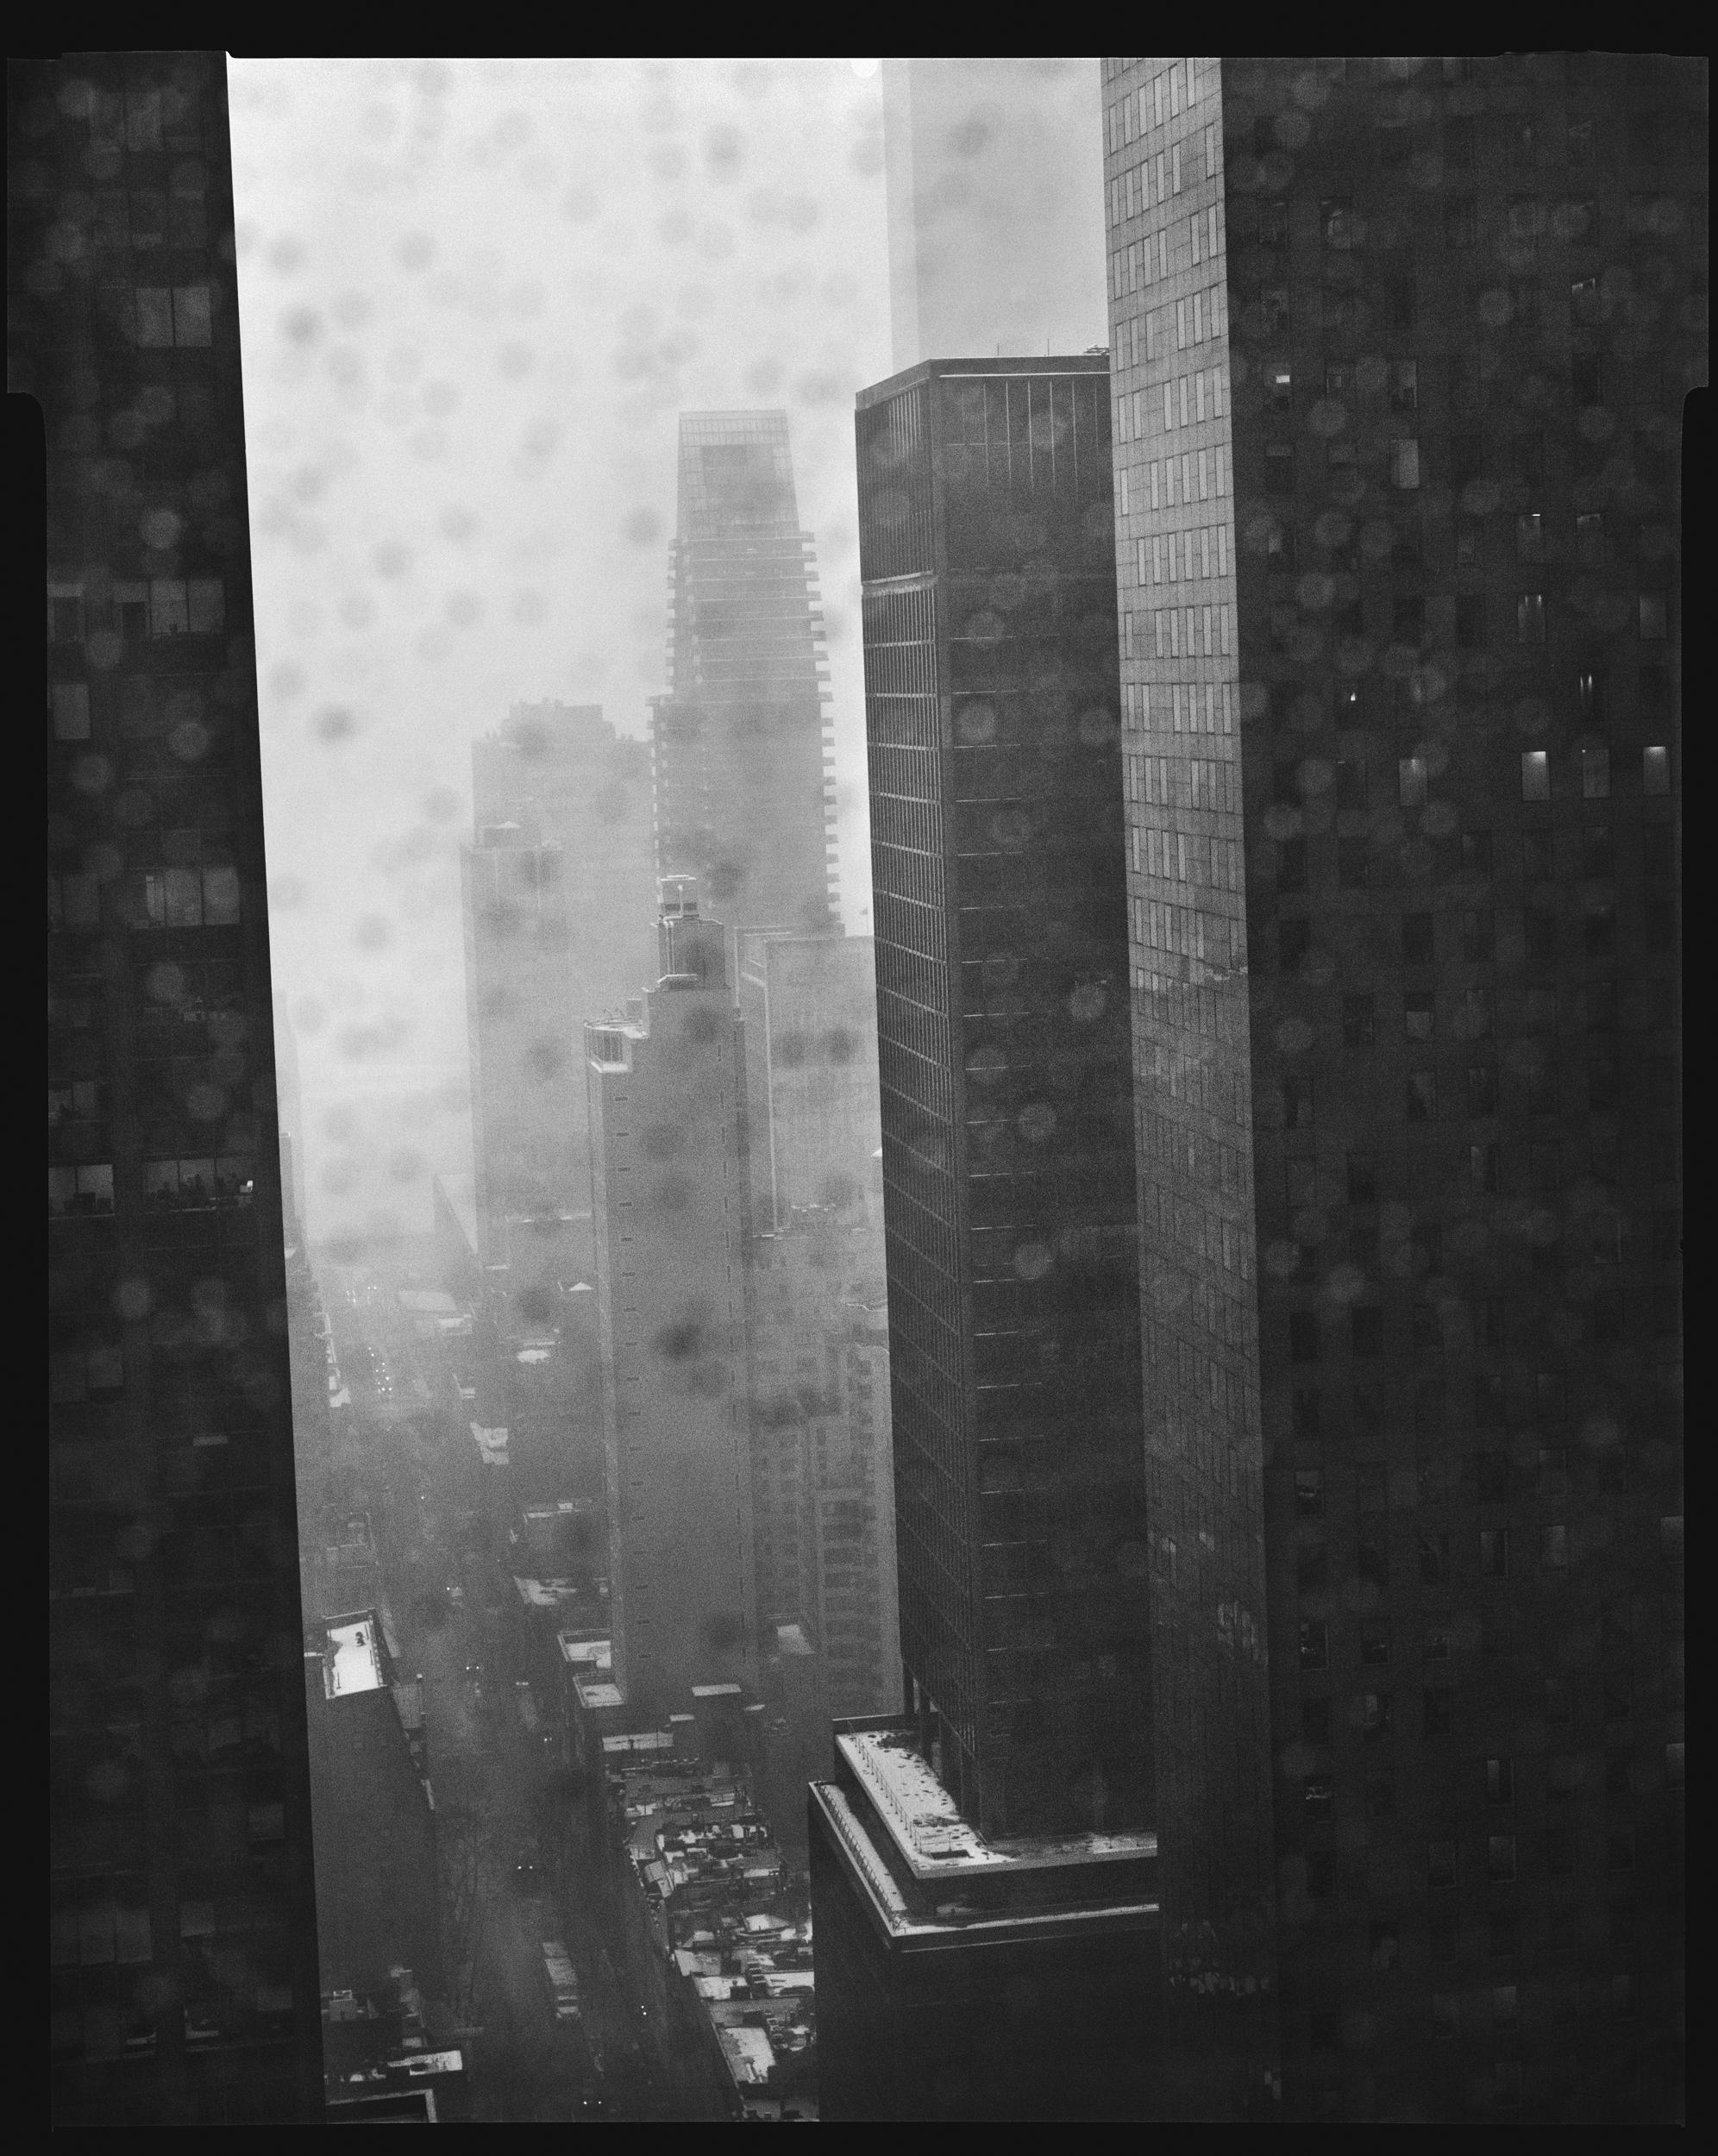 East 49th Street, New York, NY, 2010